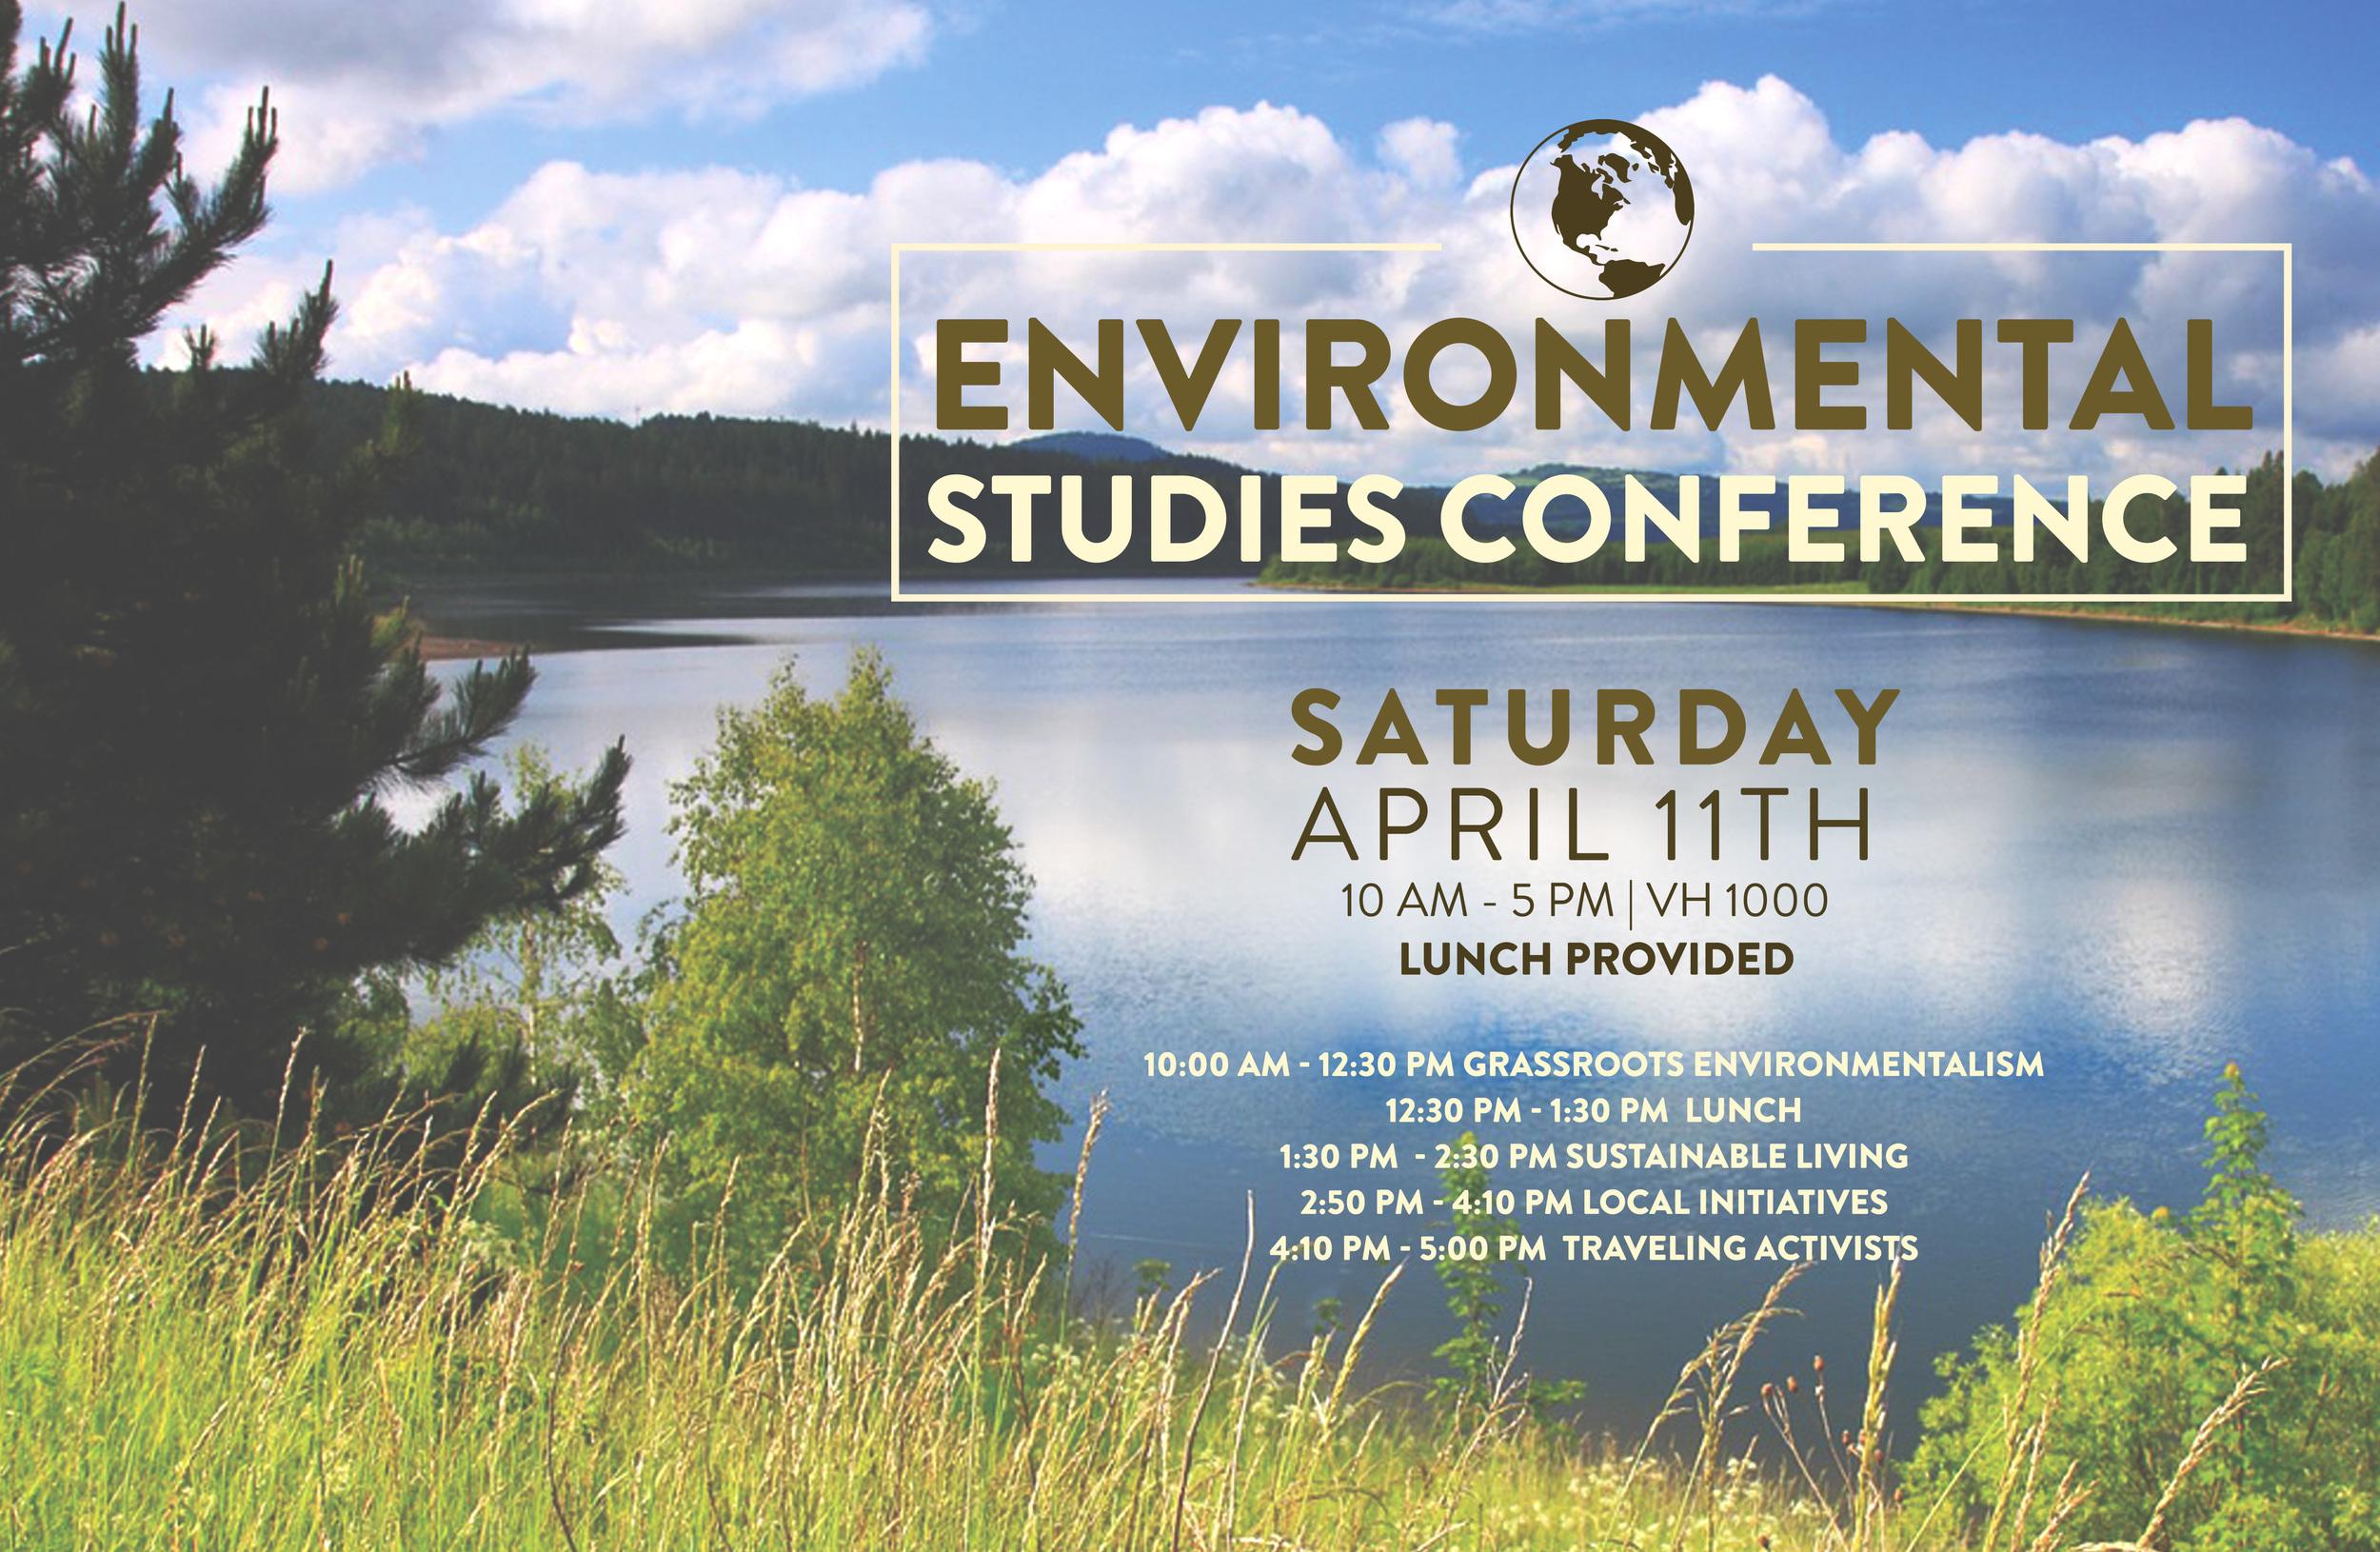 EnvironmentalStudiesConference(1).jpg